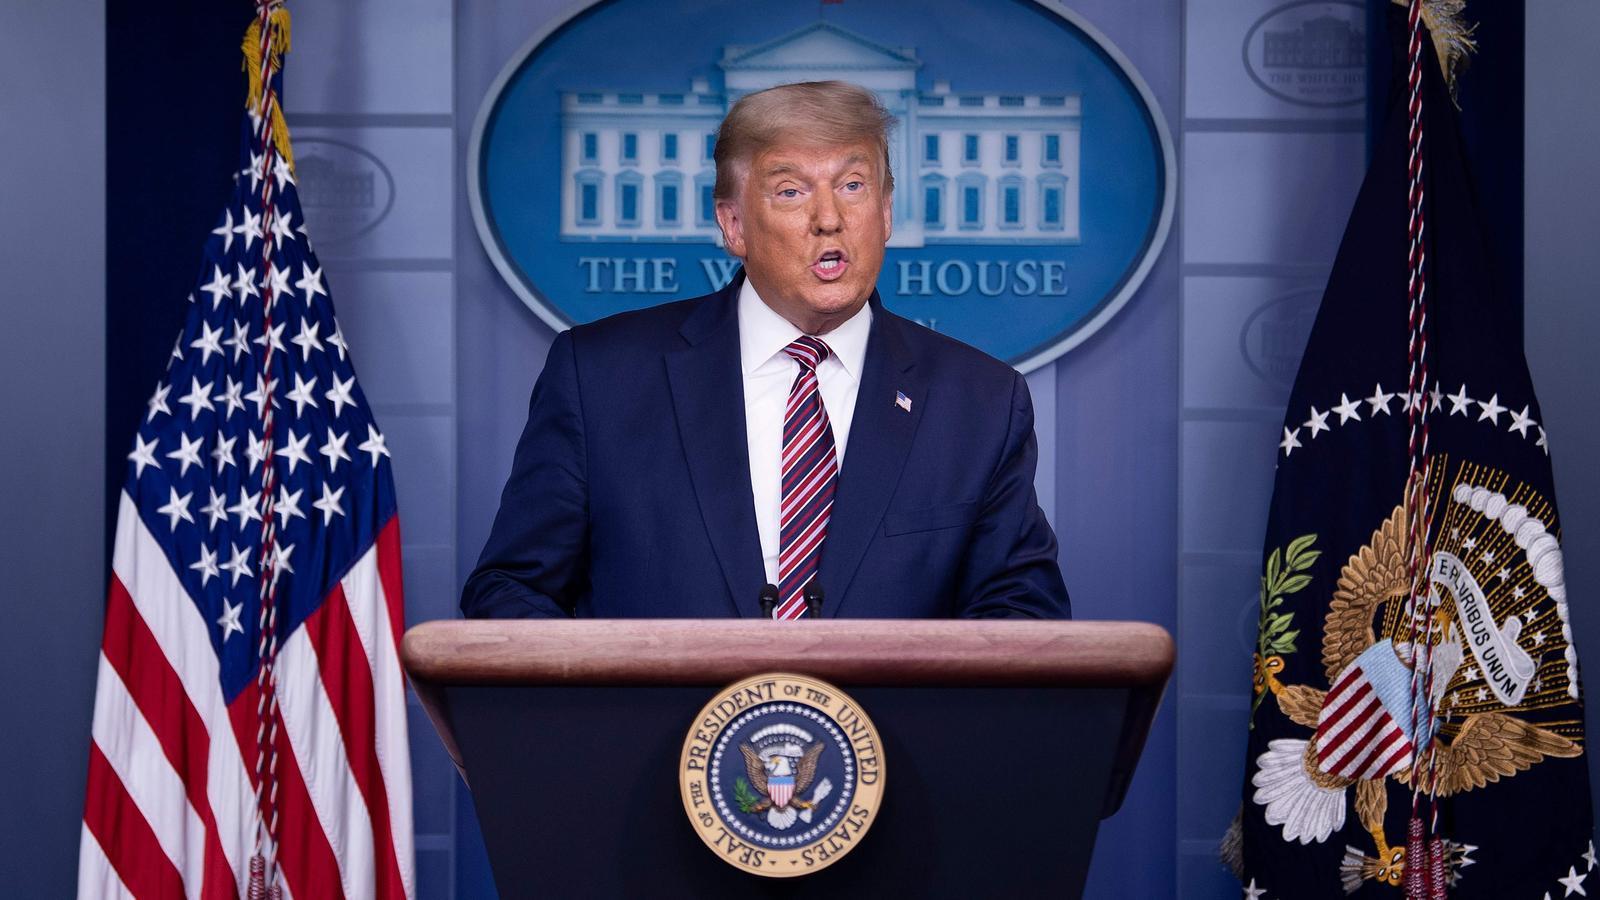 Tres grandes cadenas de los EE.UU. interrumpen el discurso de Trump por falsedades